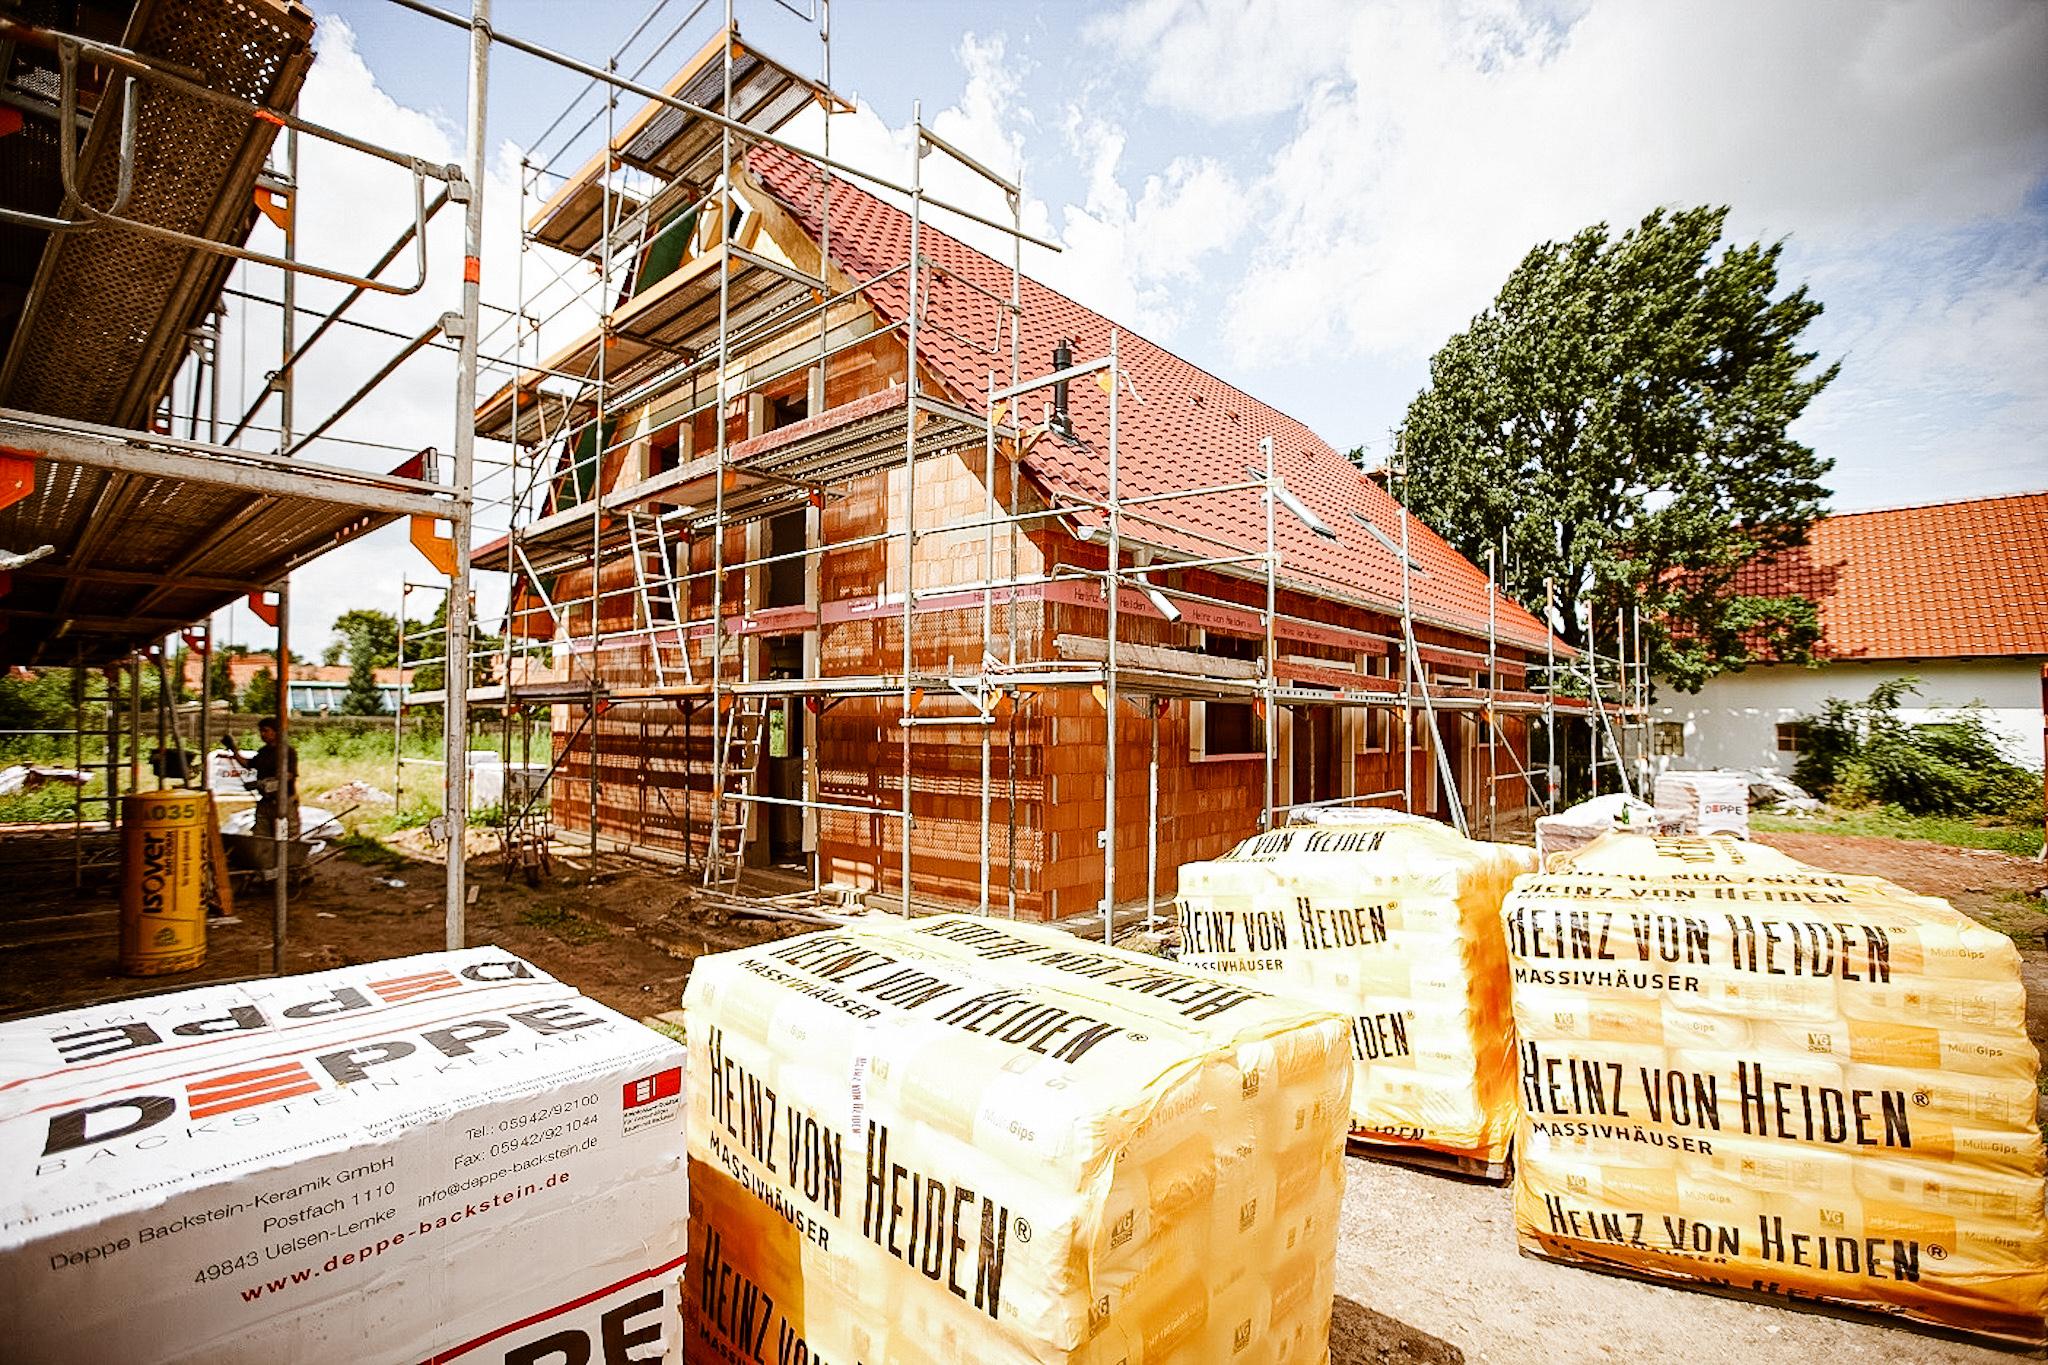 Heinz von Heiden Checkliste Hausbau Baugrundstück